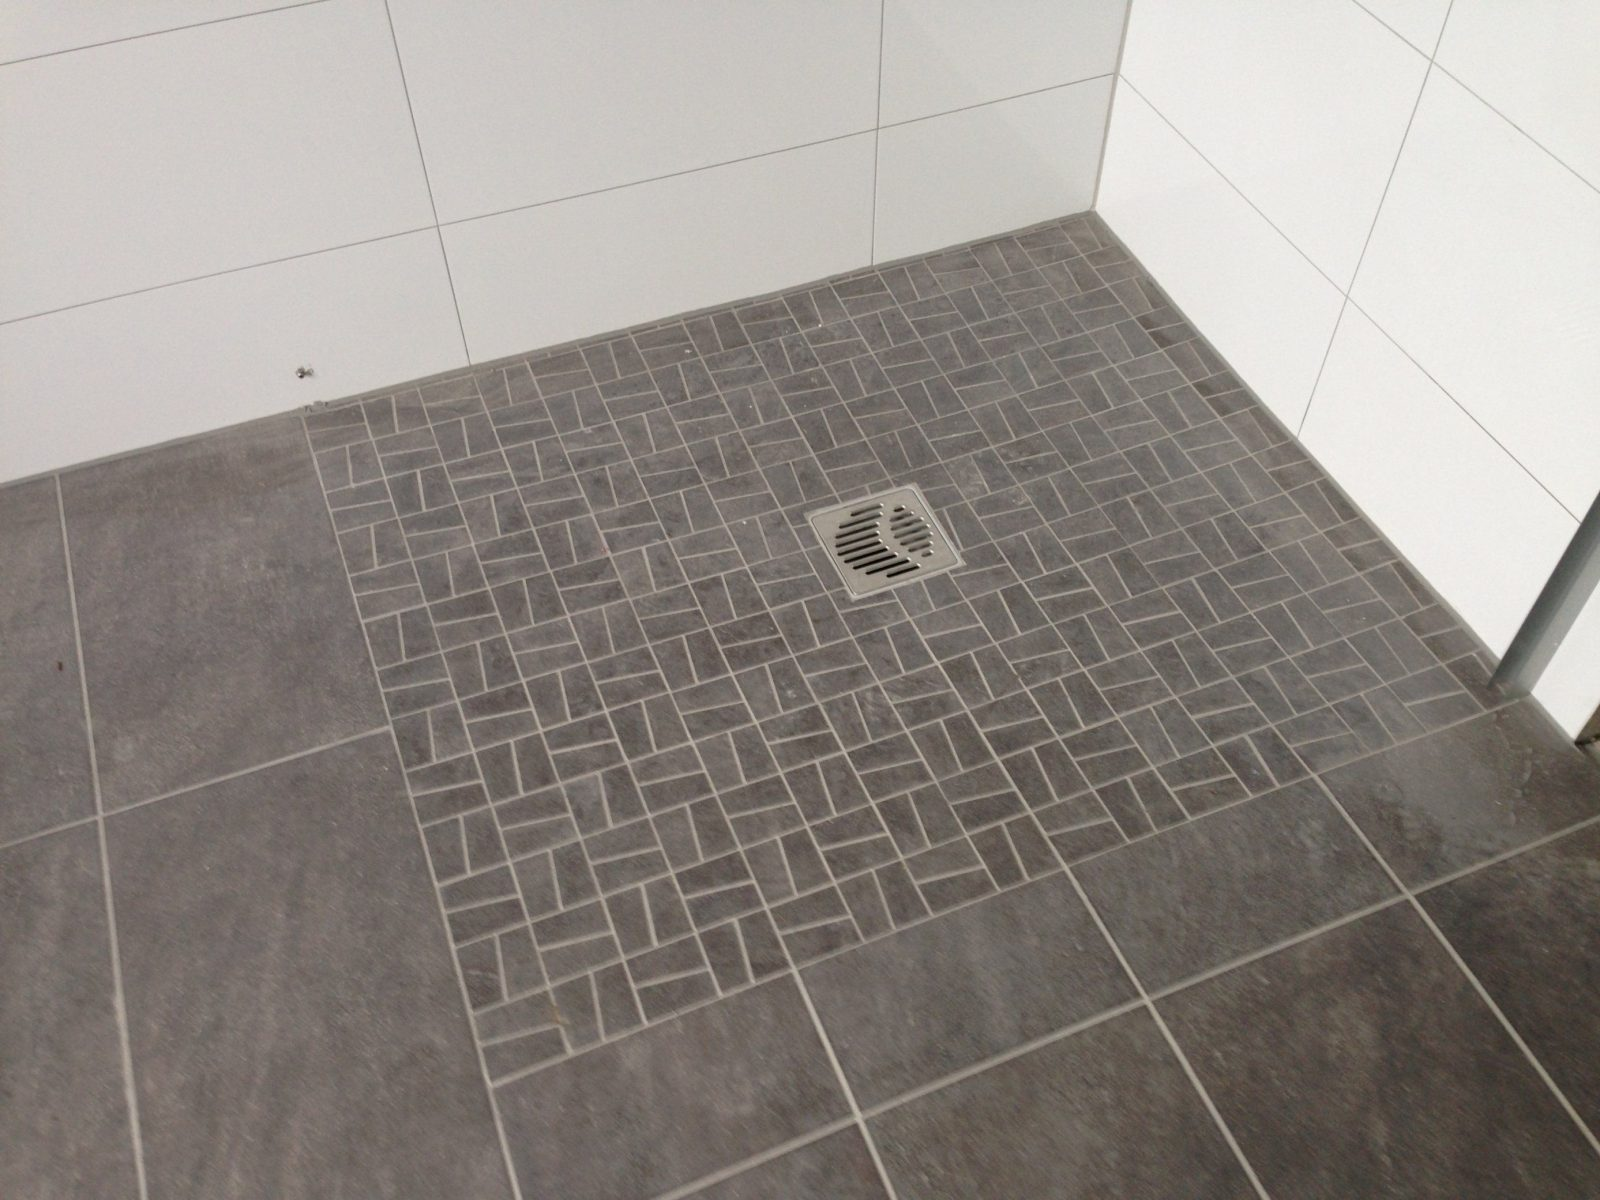 Bodengleiche Dusche Fliesen  Gispatcher von Bodengleiche Dusche Fliesen Rutschfest Bild